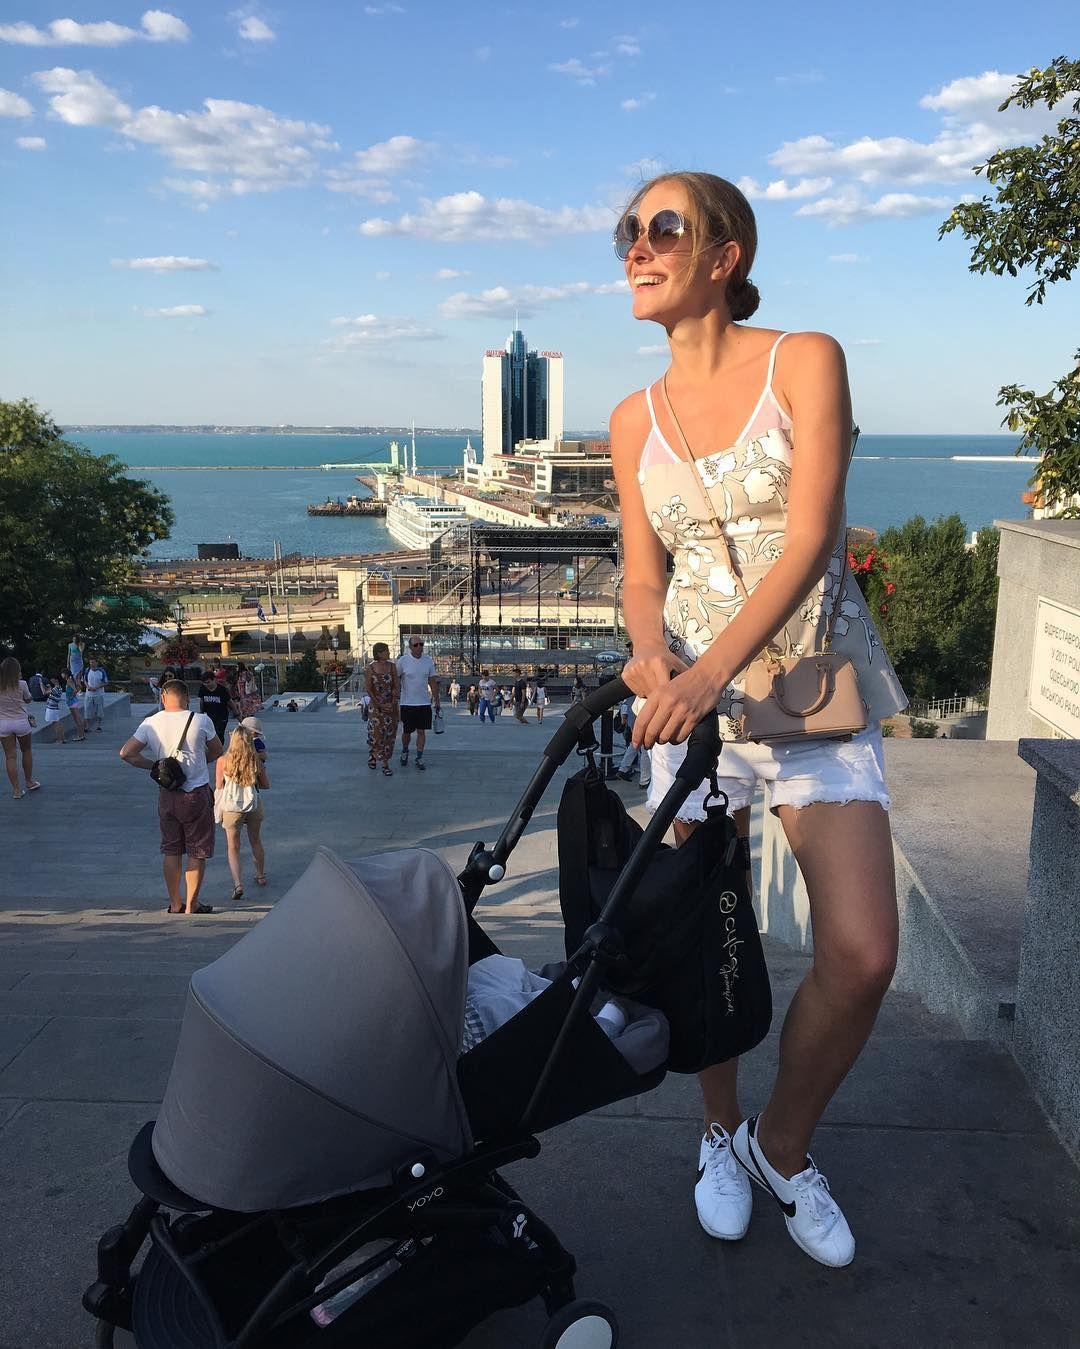 Одеські канікули: Катя Осадча хизується стрункою фігурою на відпочинку - фото 328294